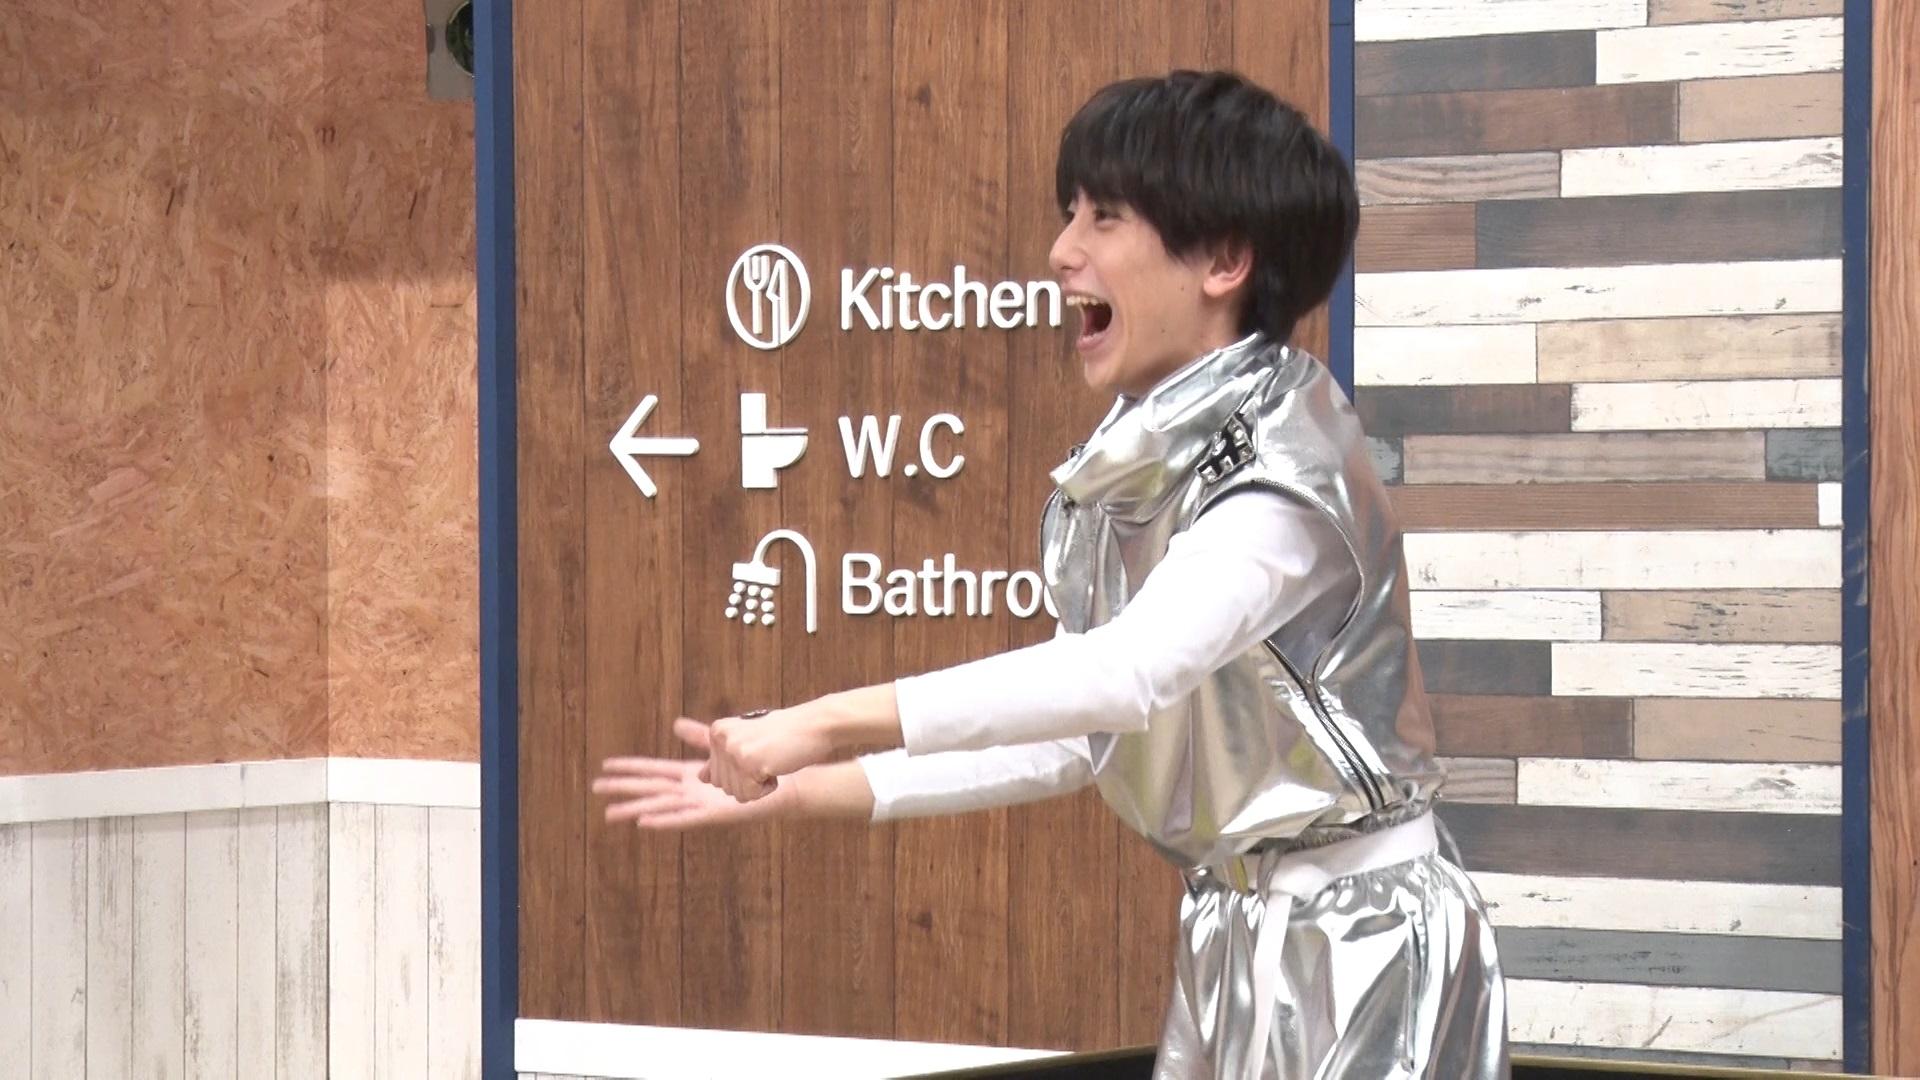 「サクセス荘」最年少メンバー・小西詠斗、先輩俳優から学んだ仕事への姿勢 役割は「皆さんの癒やしに」 イメージ画像